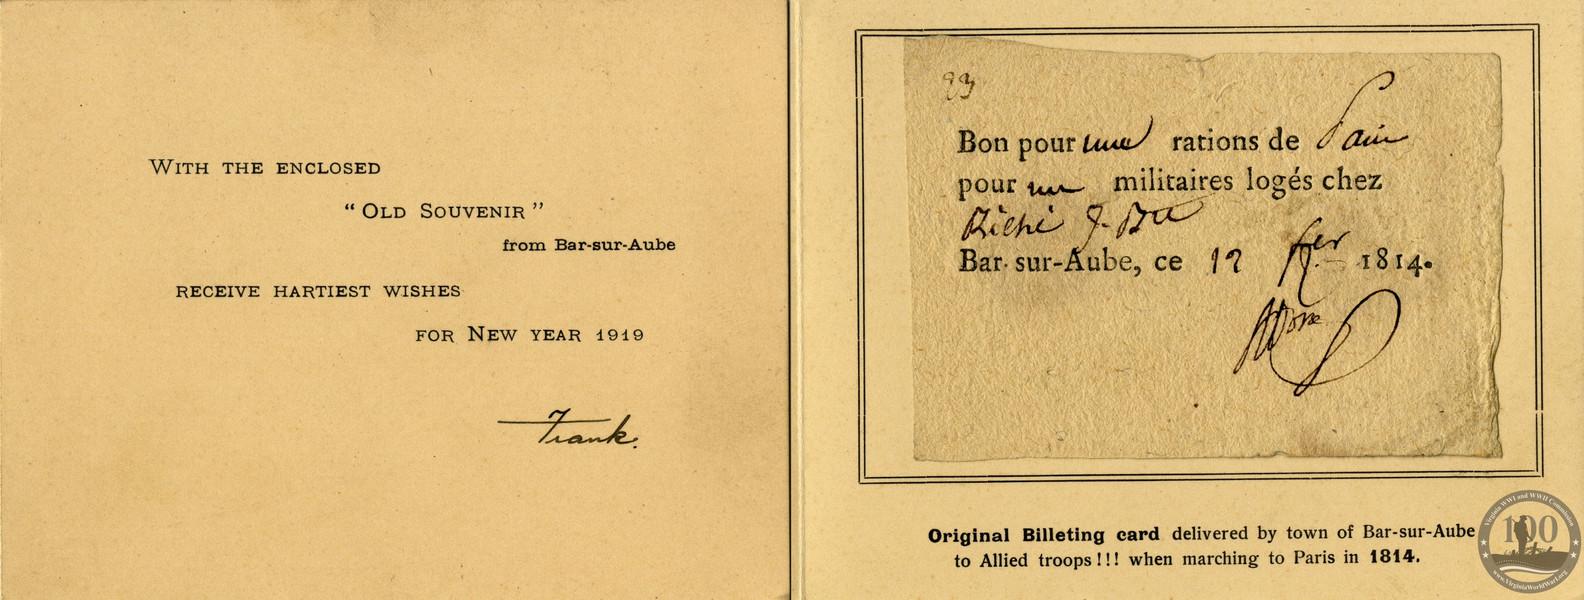 Brosch, Frank J. - WWI Docu